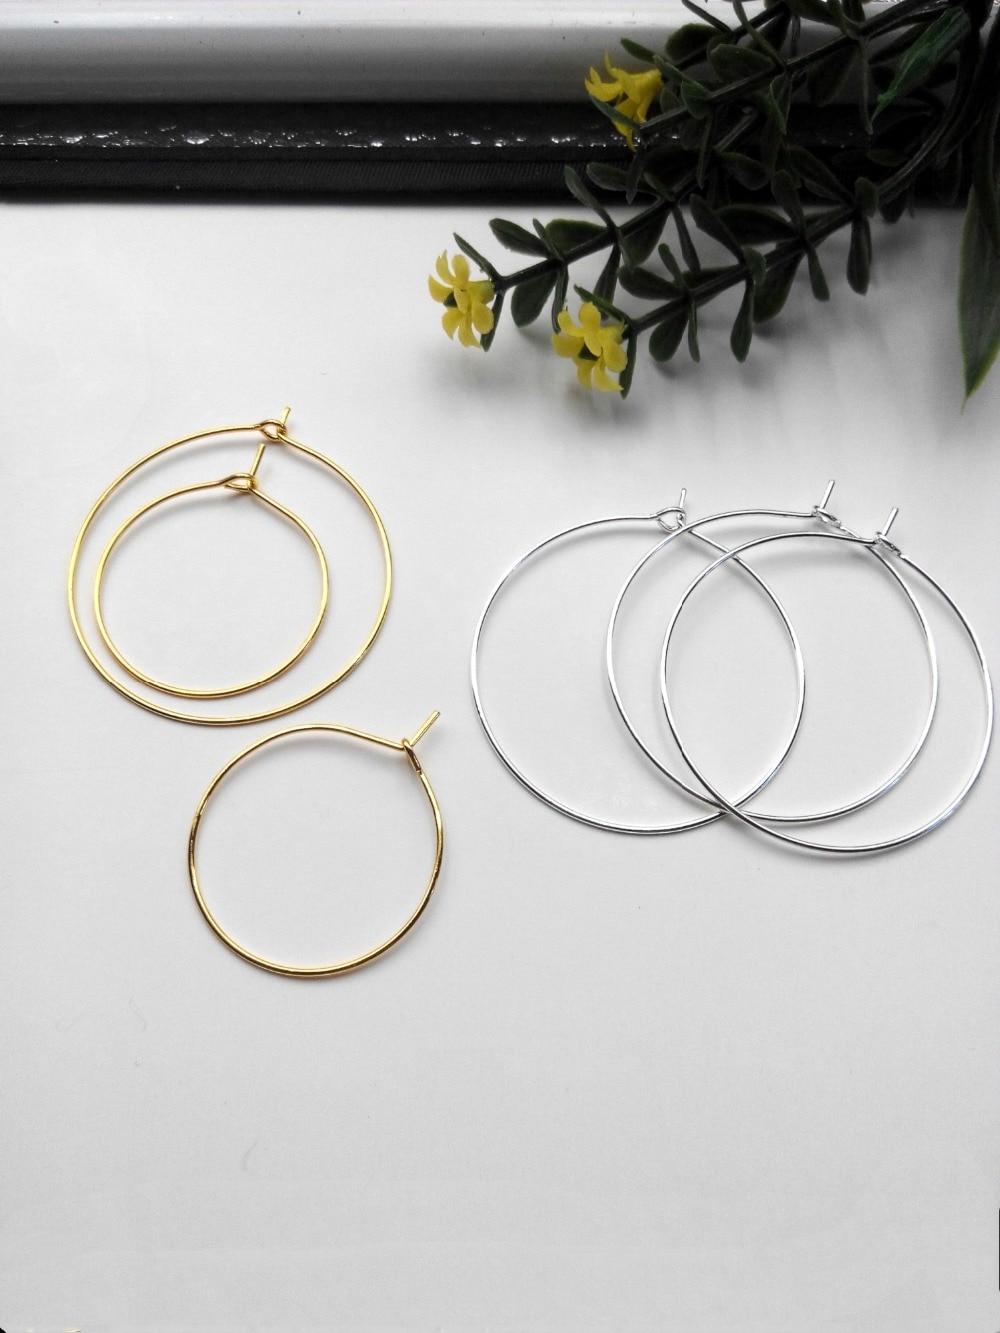 10 Teile/los Gold/silber Farbe Ohr Draht Haken 25/35/40mm Durchmesser Ohrring Hoops Erkenntnisse Für Diy Mode Schmuck Machen Zubehör